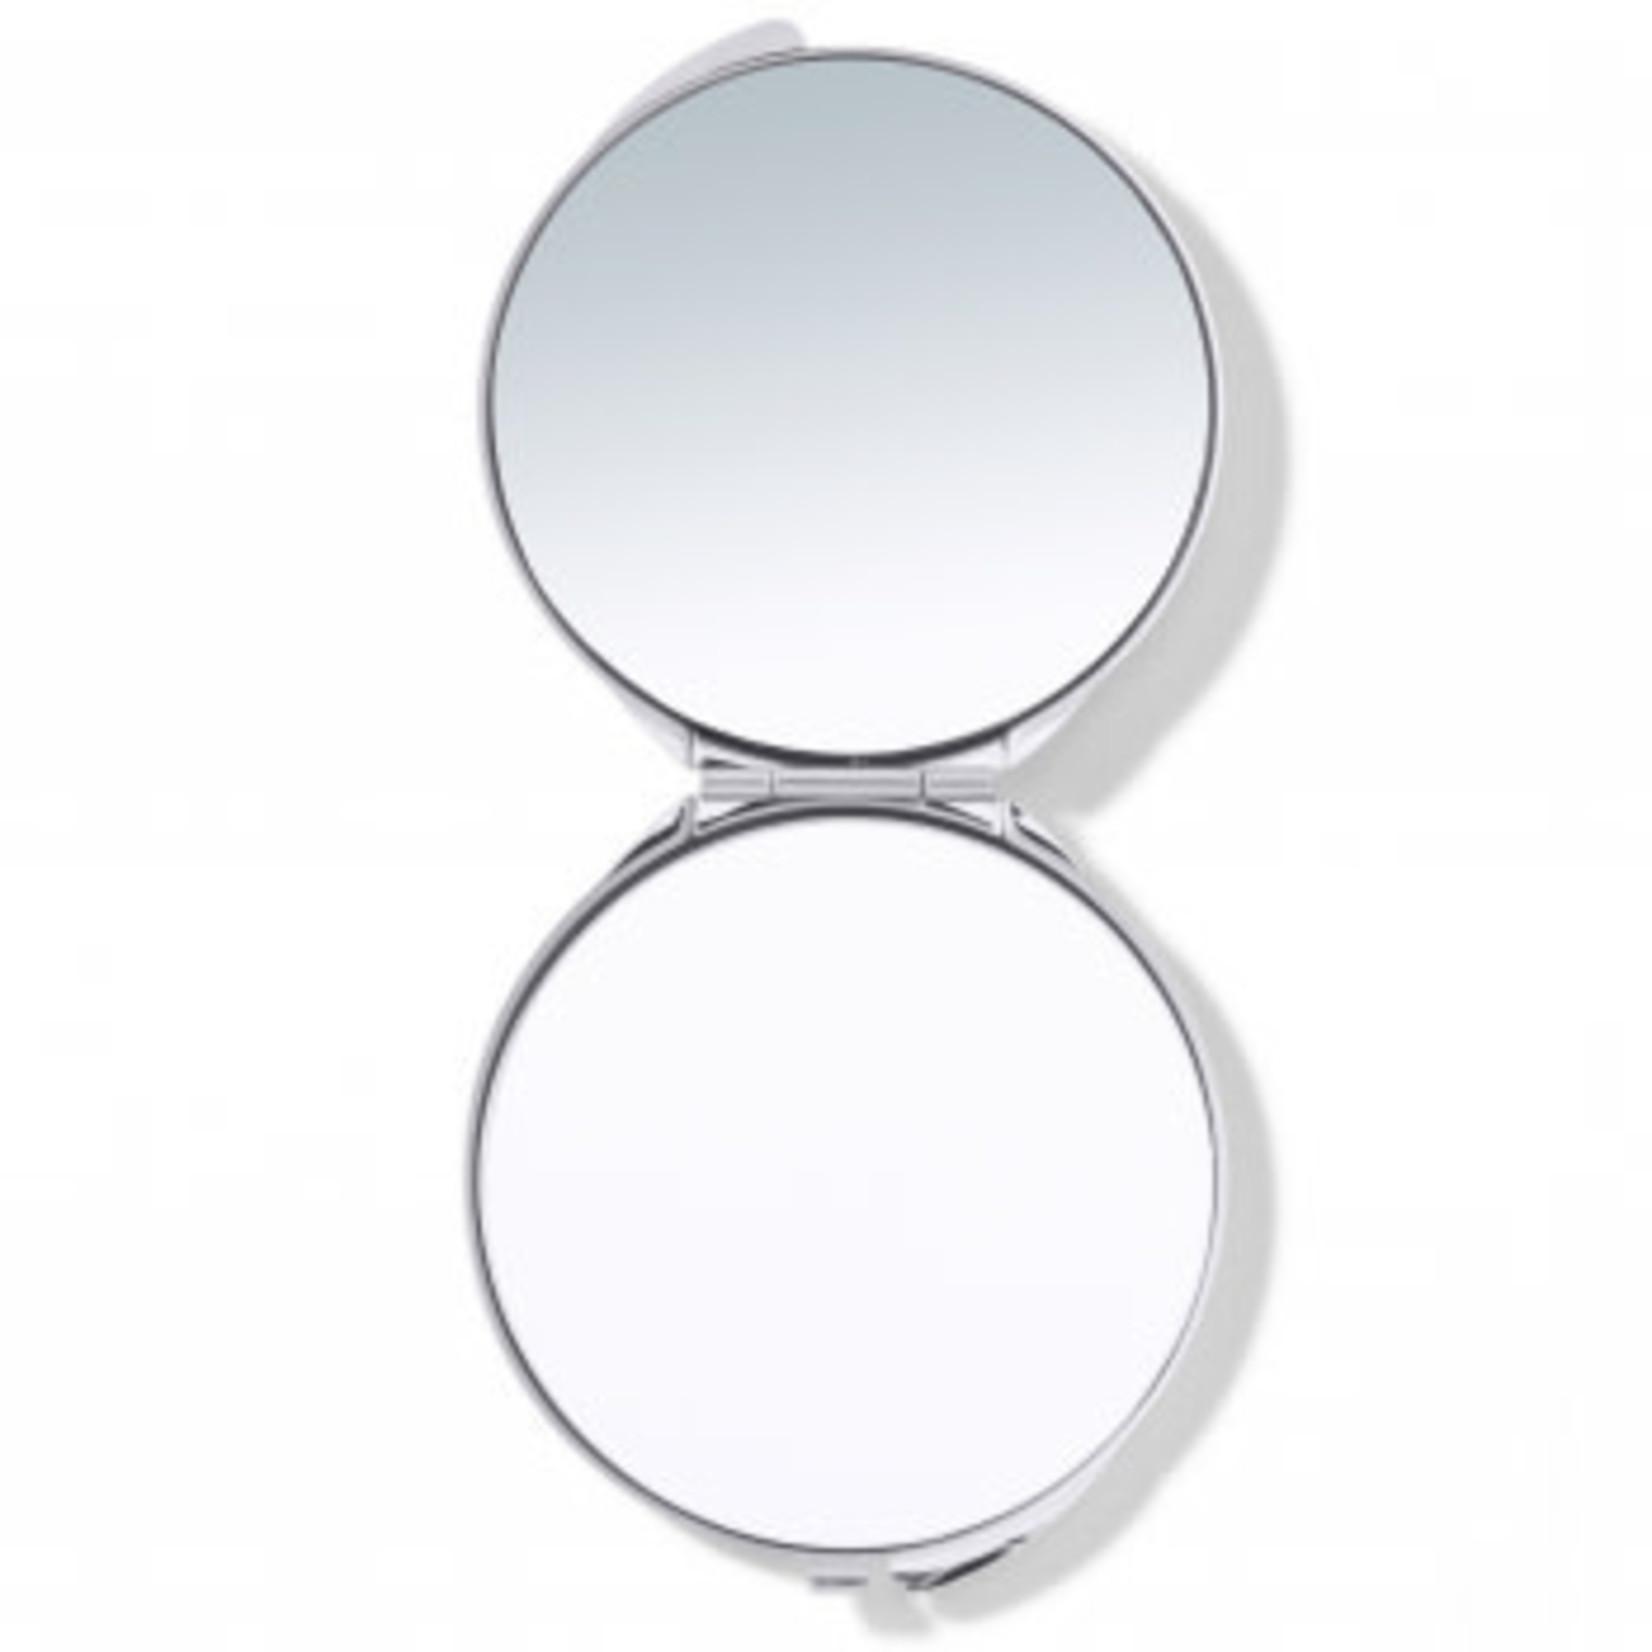 Brighton Field of Love Compact Mirror